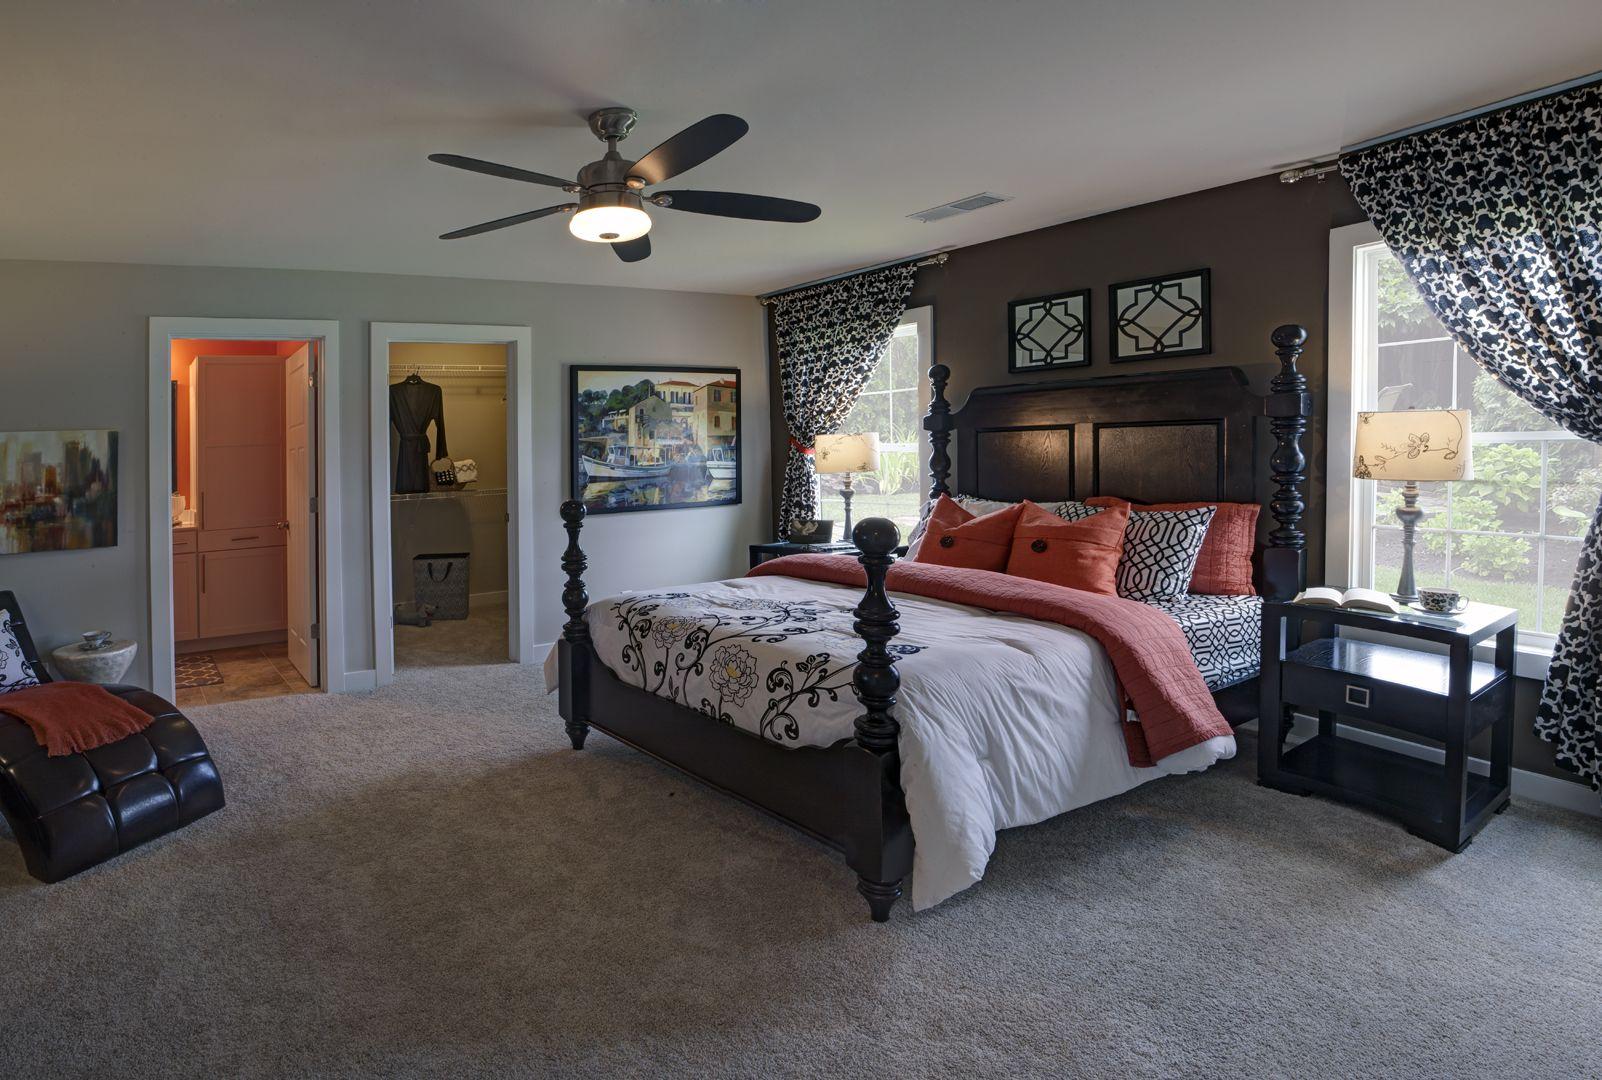 energy smart homes community developer evansville in louisville rh pinterest com